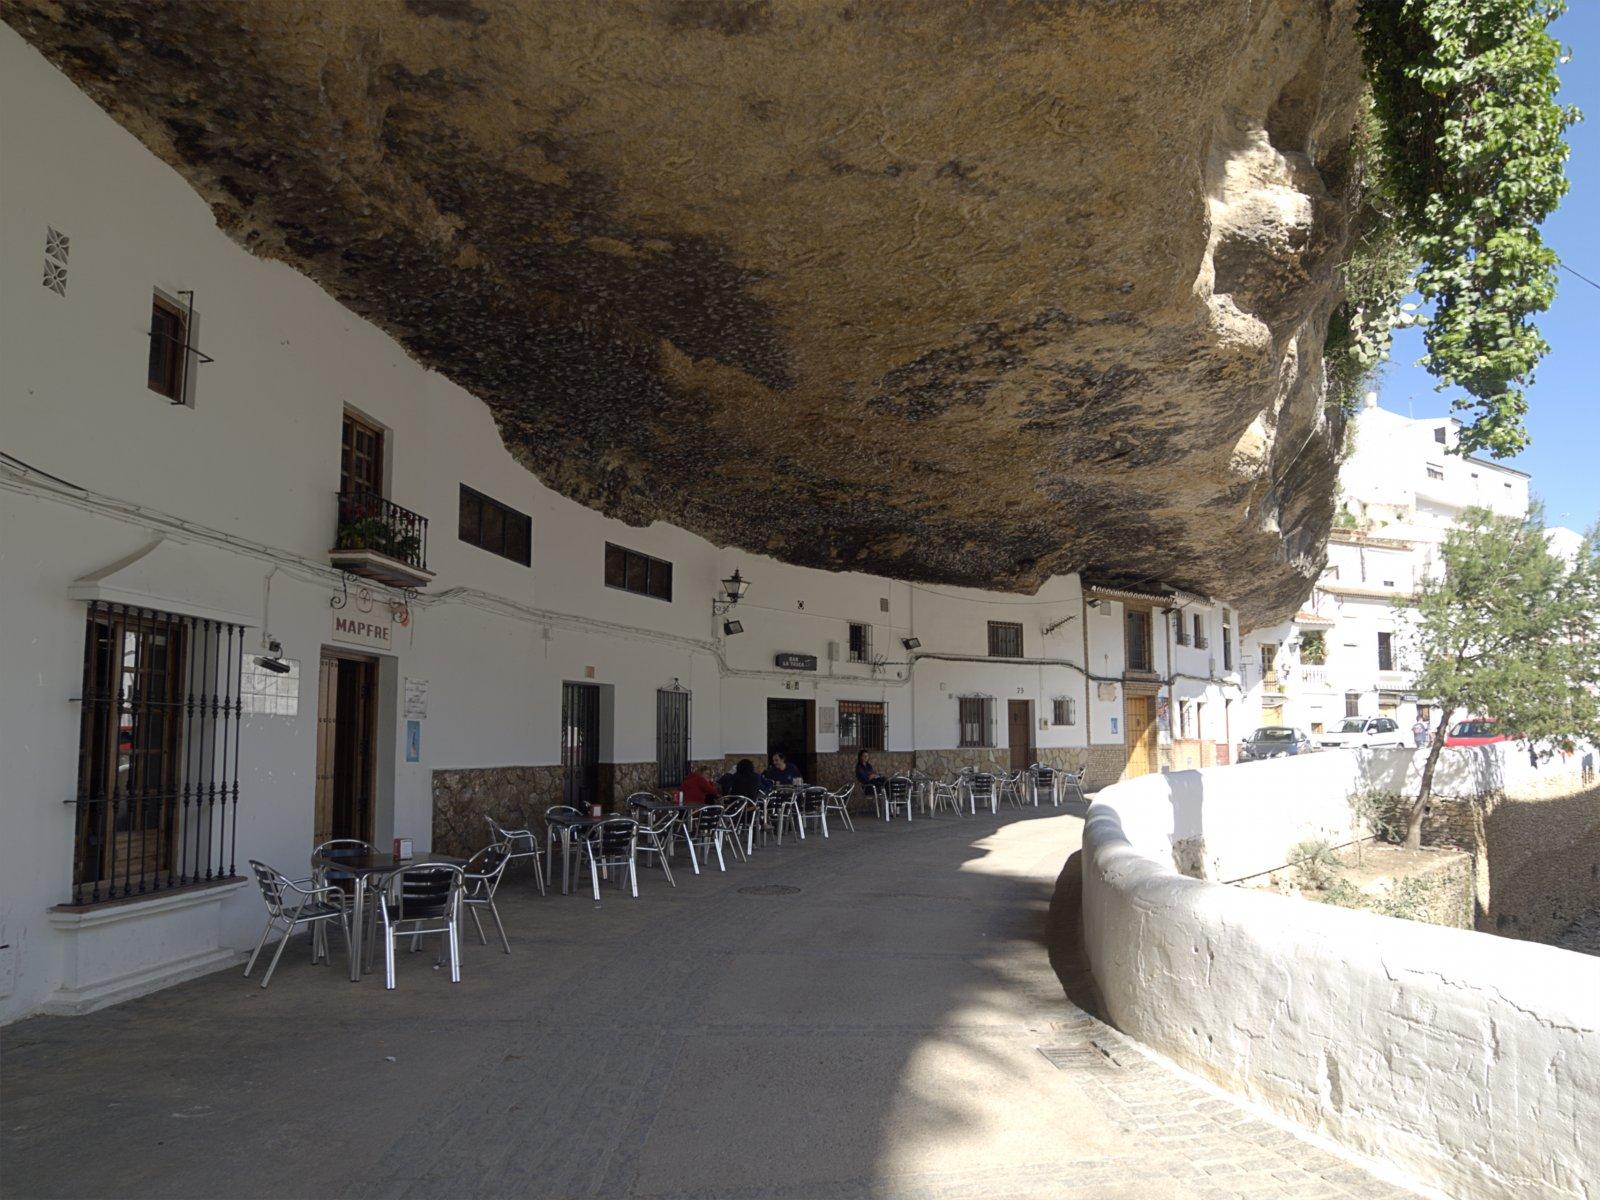 Cave Houses at Setenil de las Bodegas, Spain